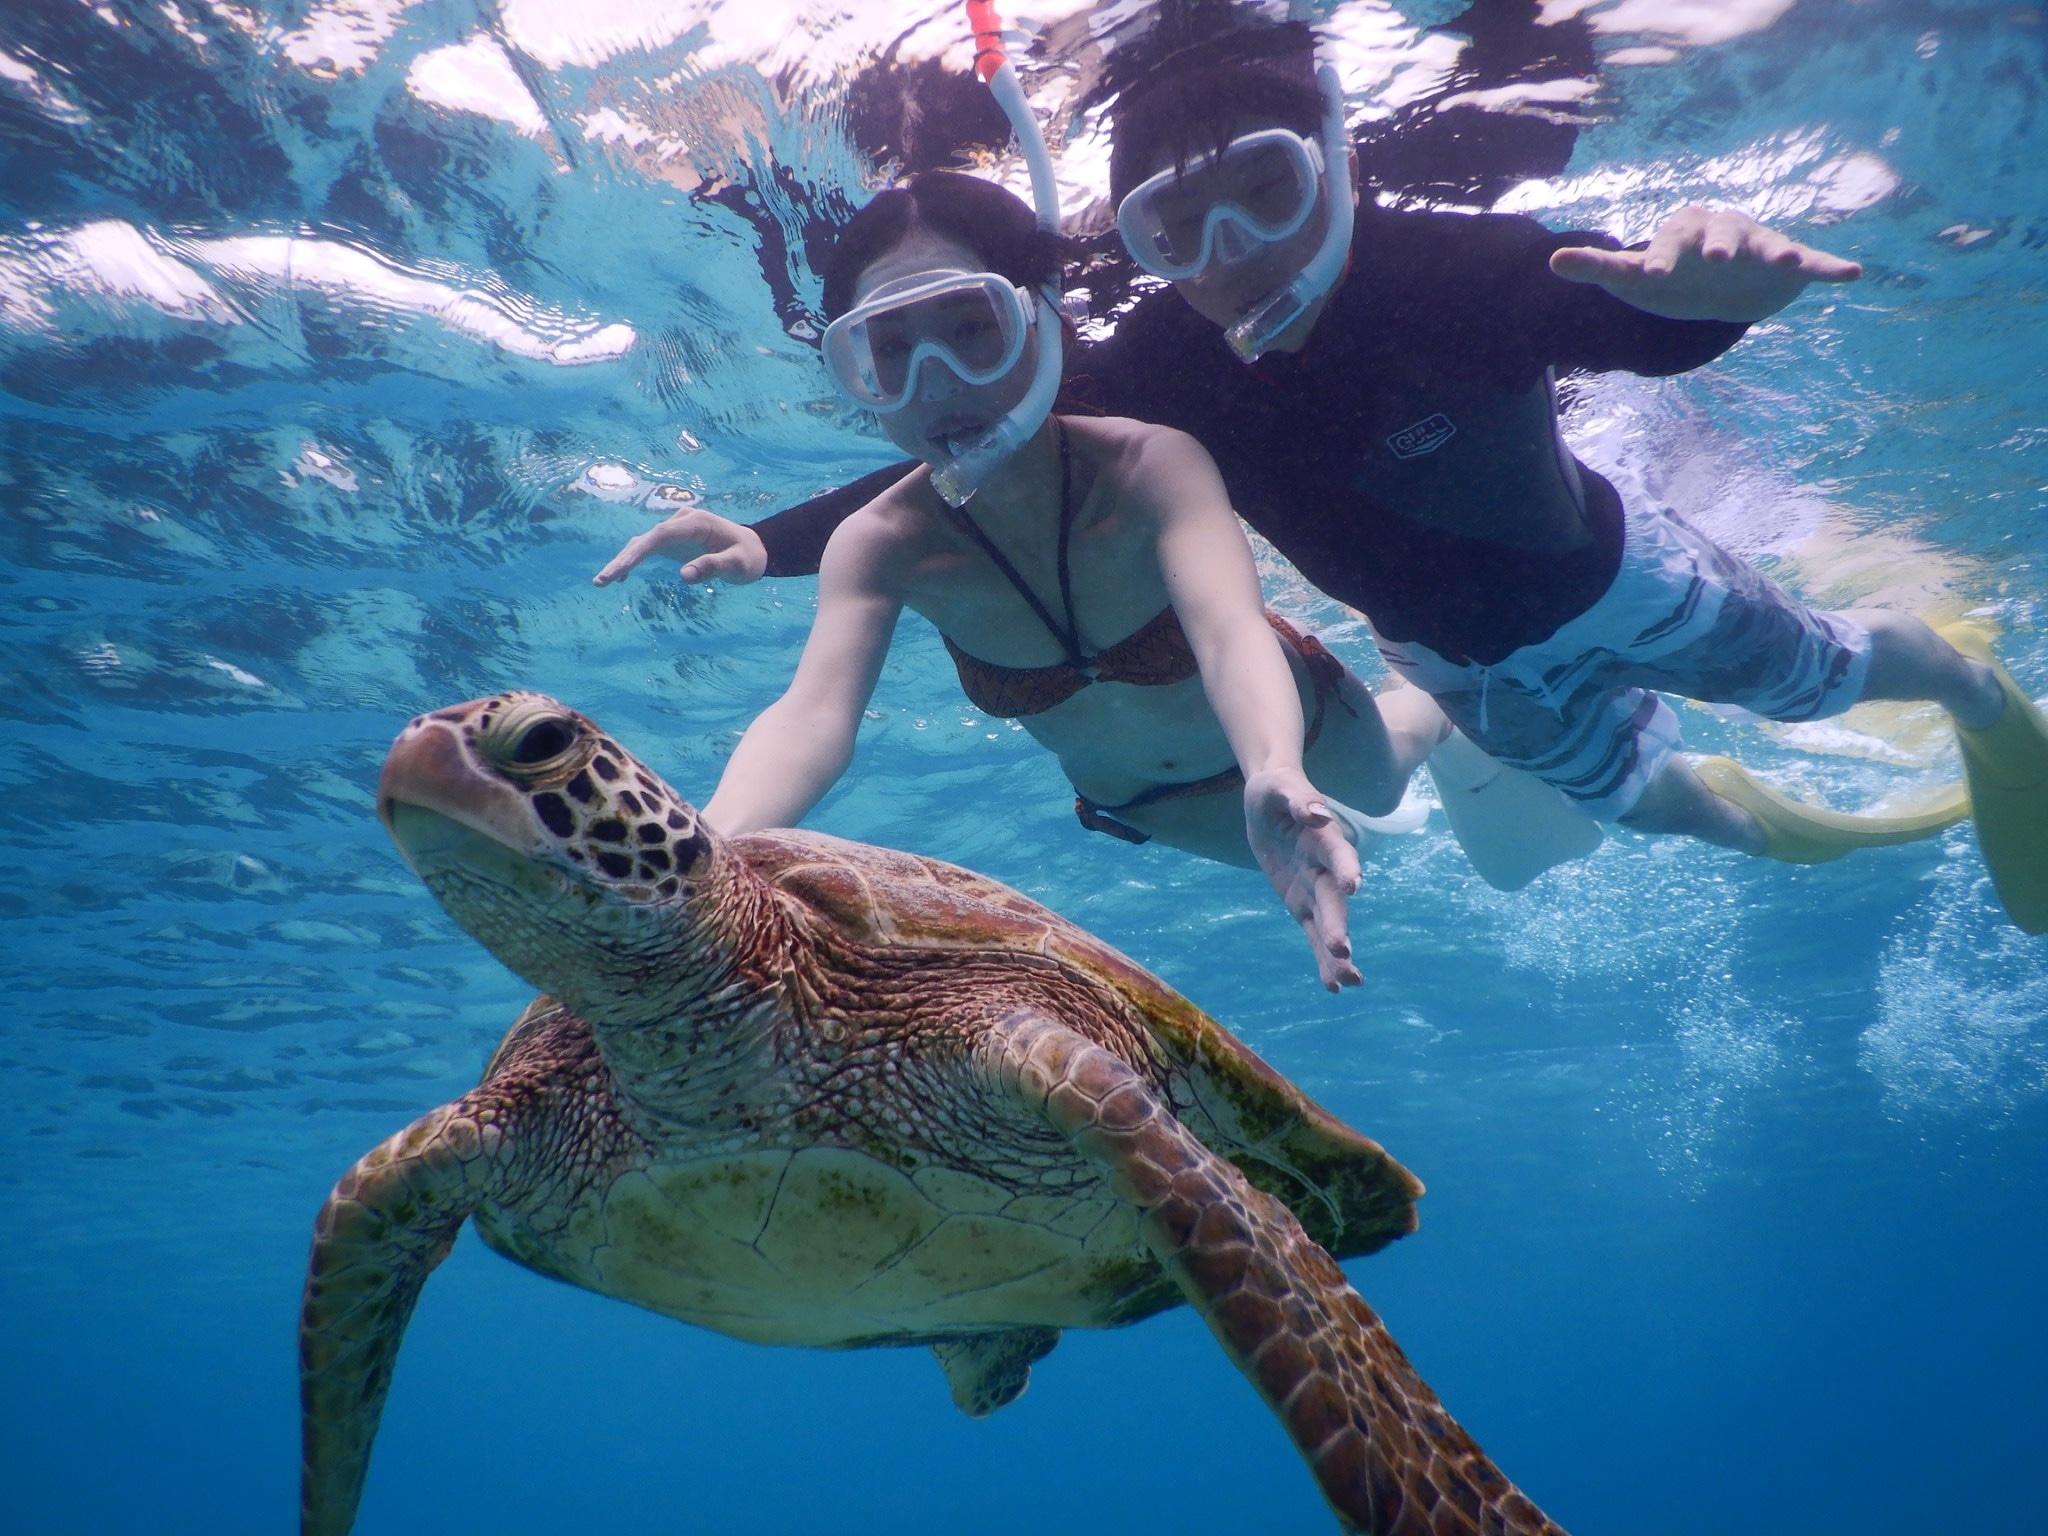 冬でも工夫して宮古島ウミガメシュノーケル水着撮影できますよ